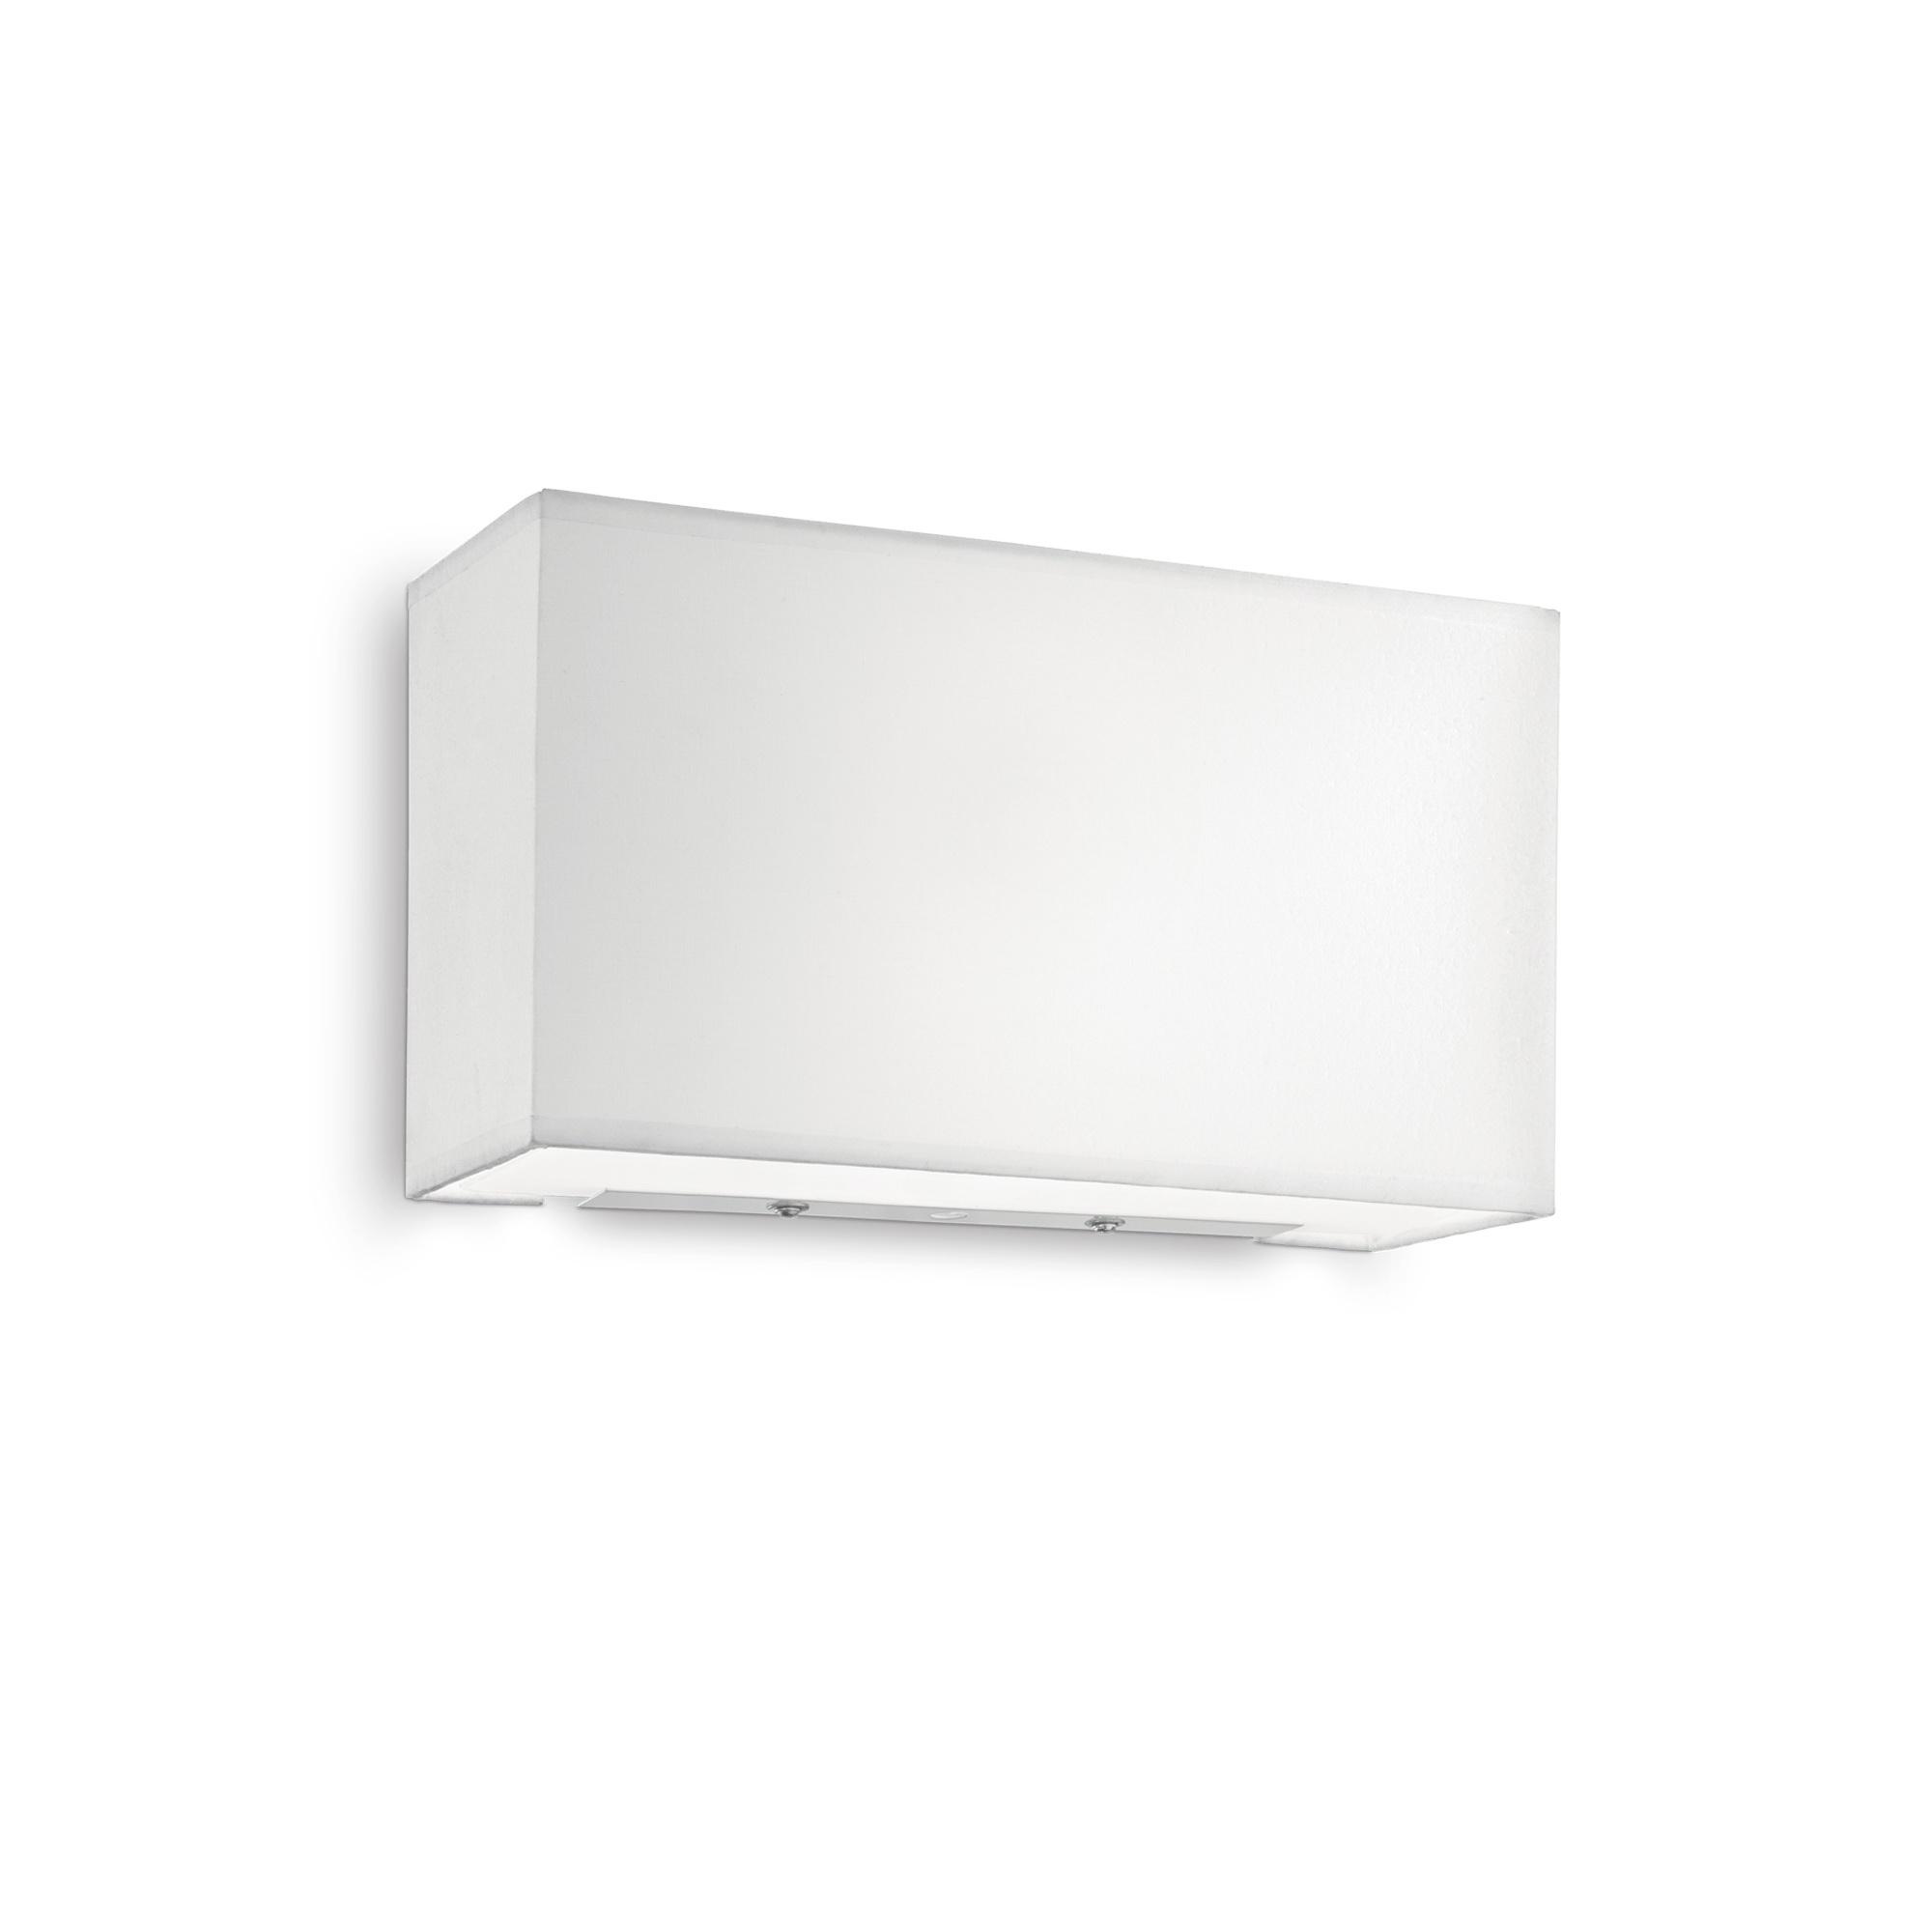 HOTEL AP1 BIANCO накладной светильник белый